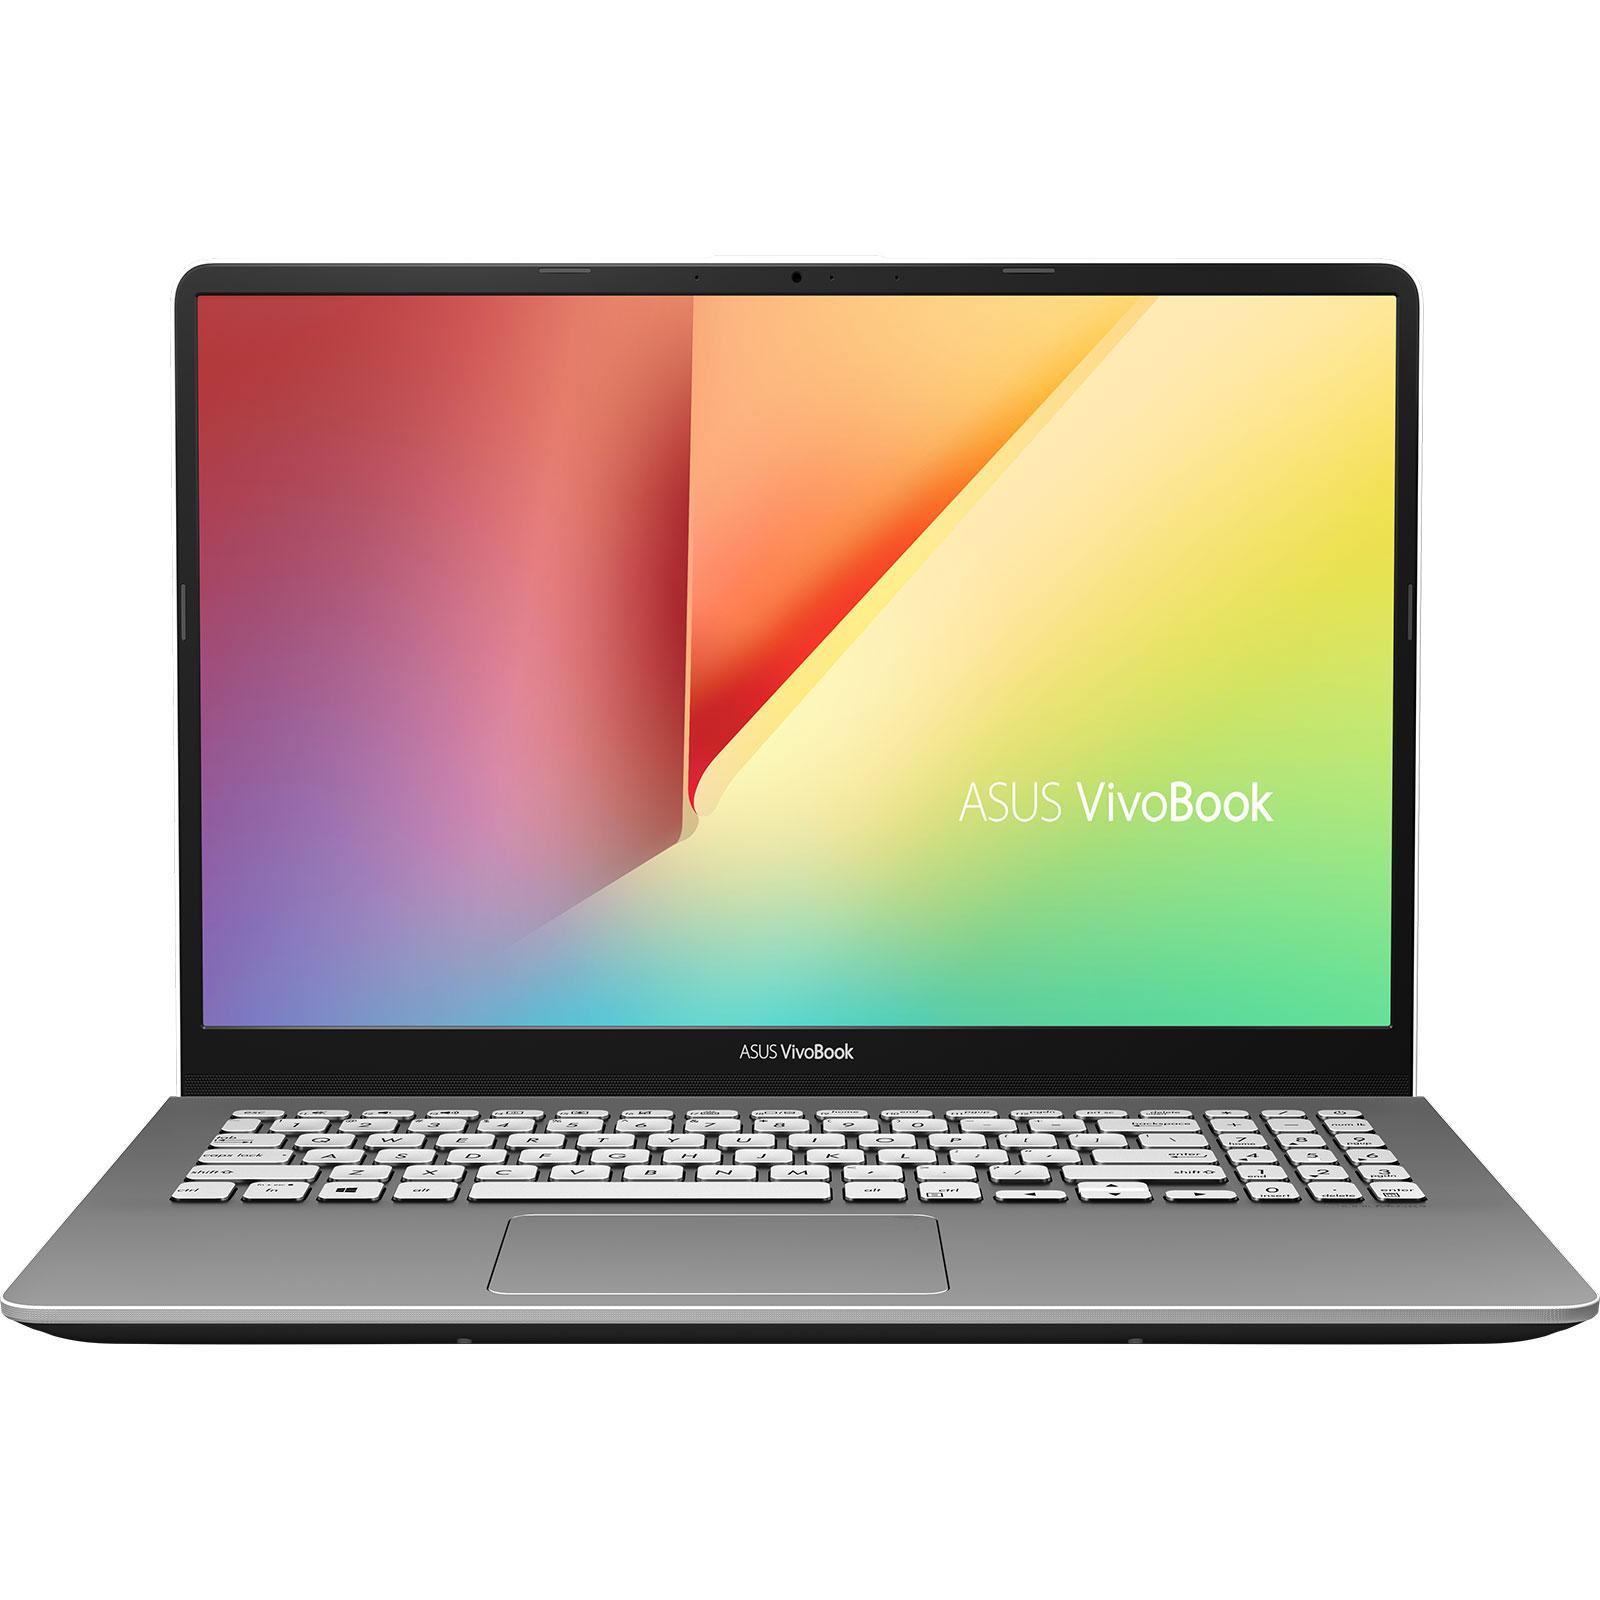 """PC portable ASUS Vivobook S15 S530FA-BQ270T Intel Core i5-8265U 8 Go SSD 256 Go + HDD 1 To 15.6"""" LED Full HD Wi-Fi AC/Bluetooth Webcam Windows 10 Famille 64 bits (garantie constructeur 2 ans)"""